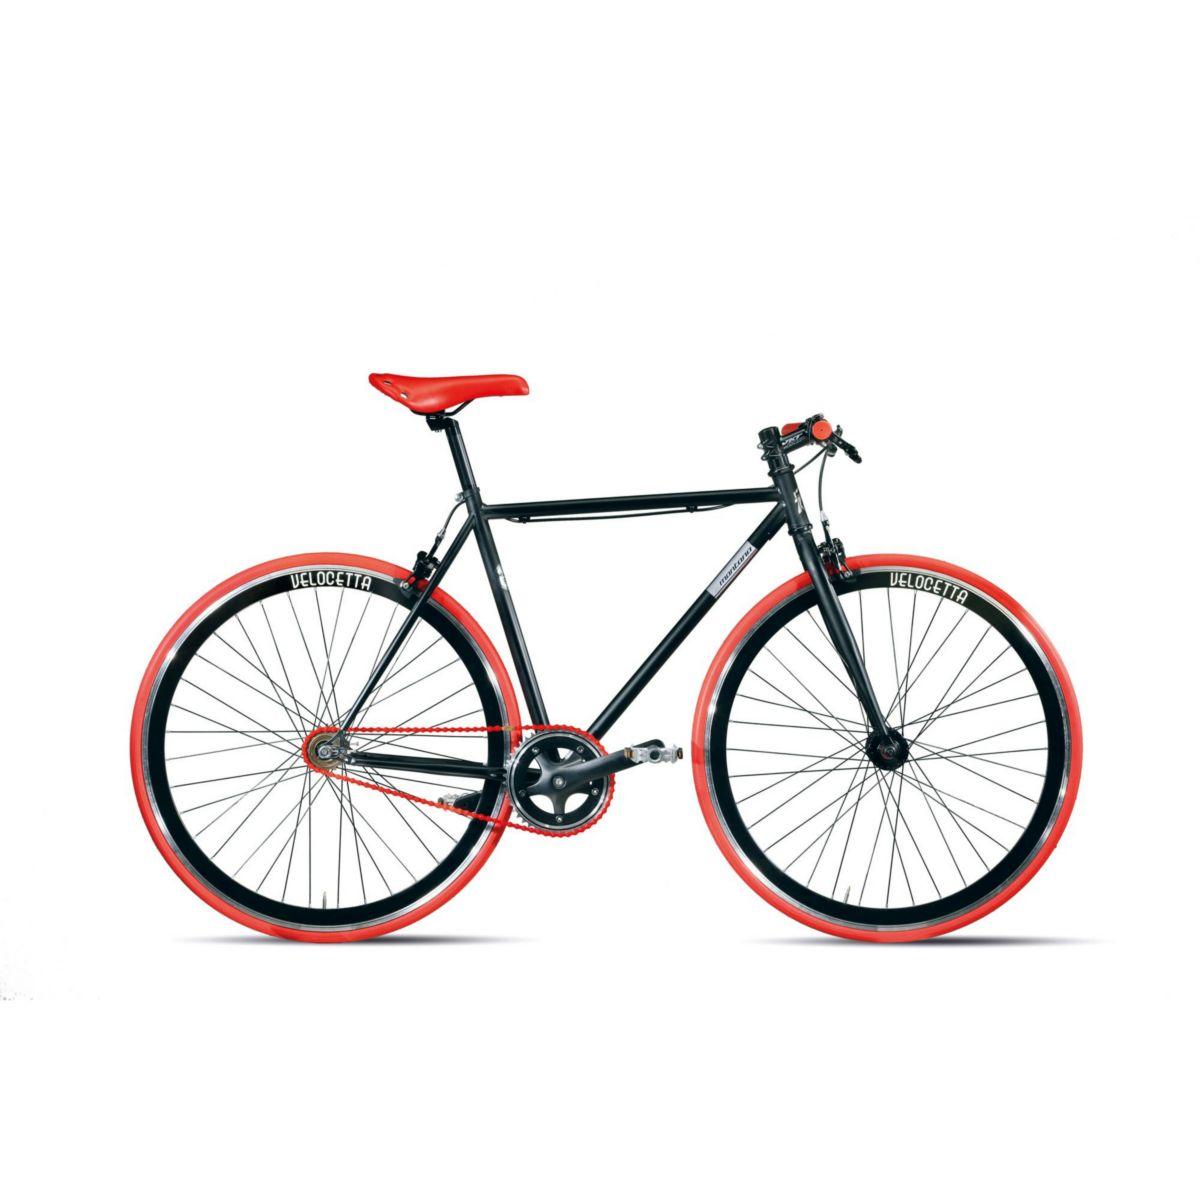 28 Zoll Montana Pista Fixed Gear Fahrrad schwarz-rot, 52cm jetztbilligerkaufen